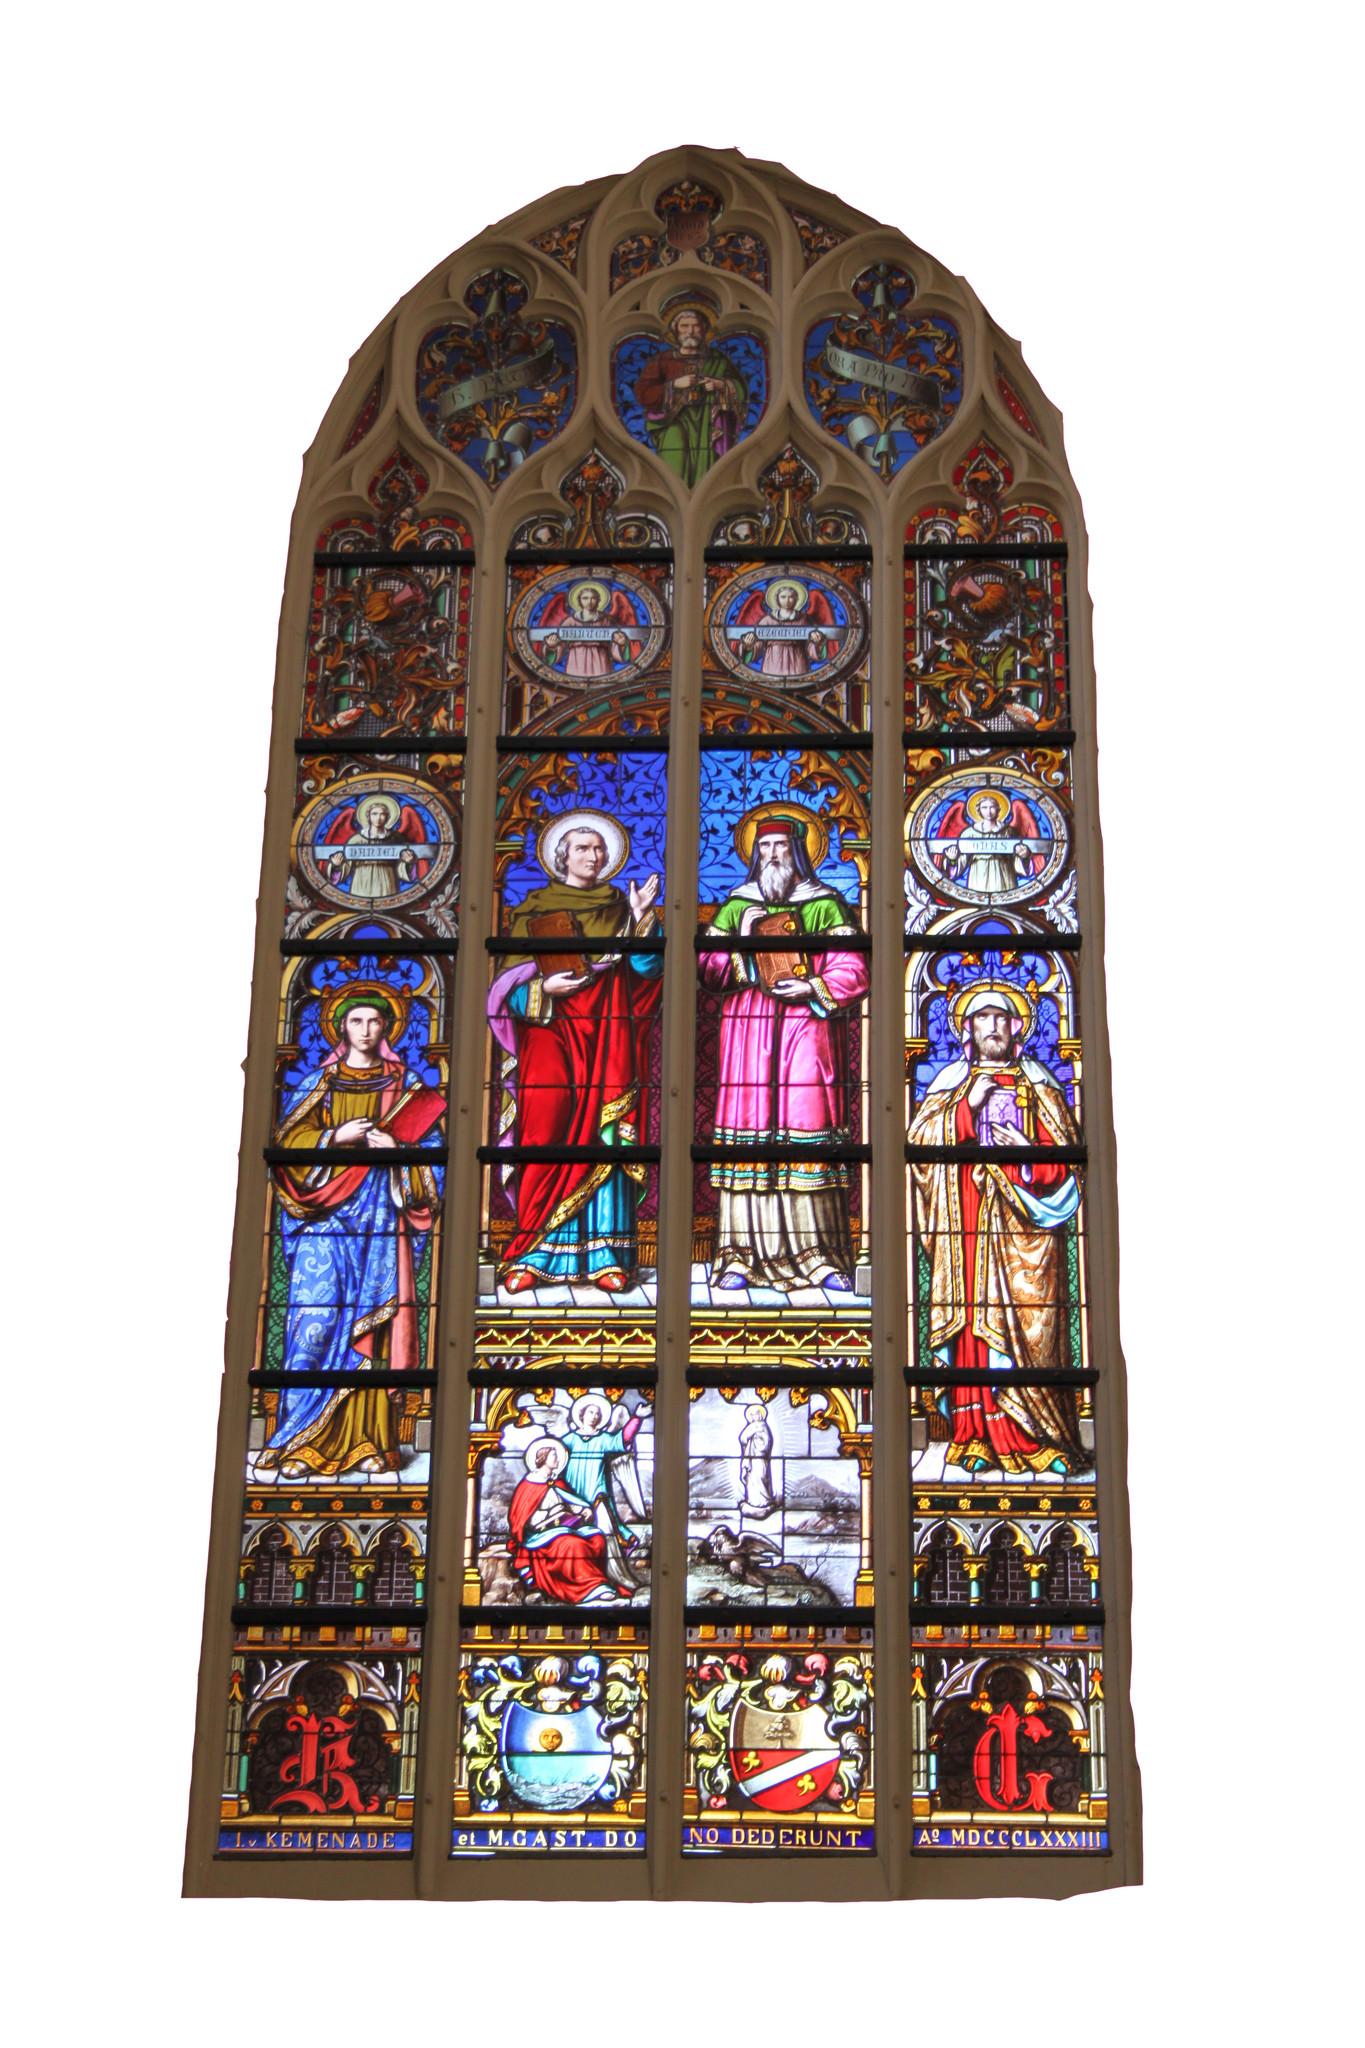 Brigitte fotoart van kerk s'hertogenbosch